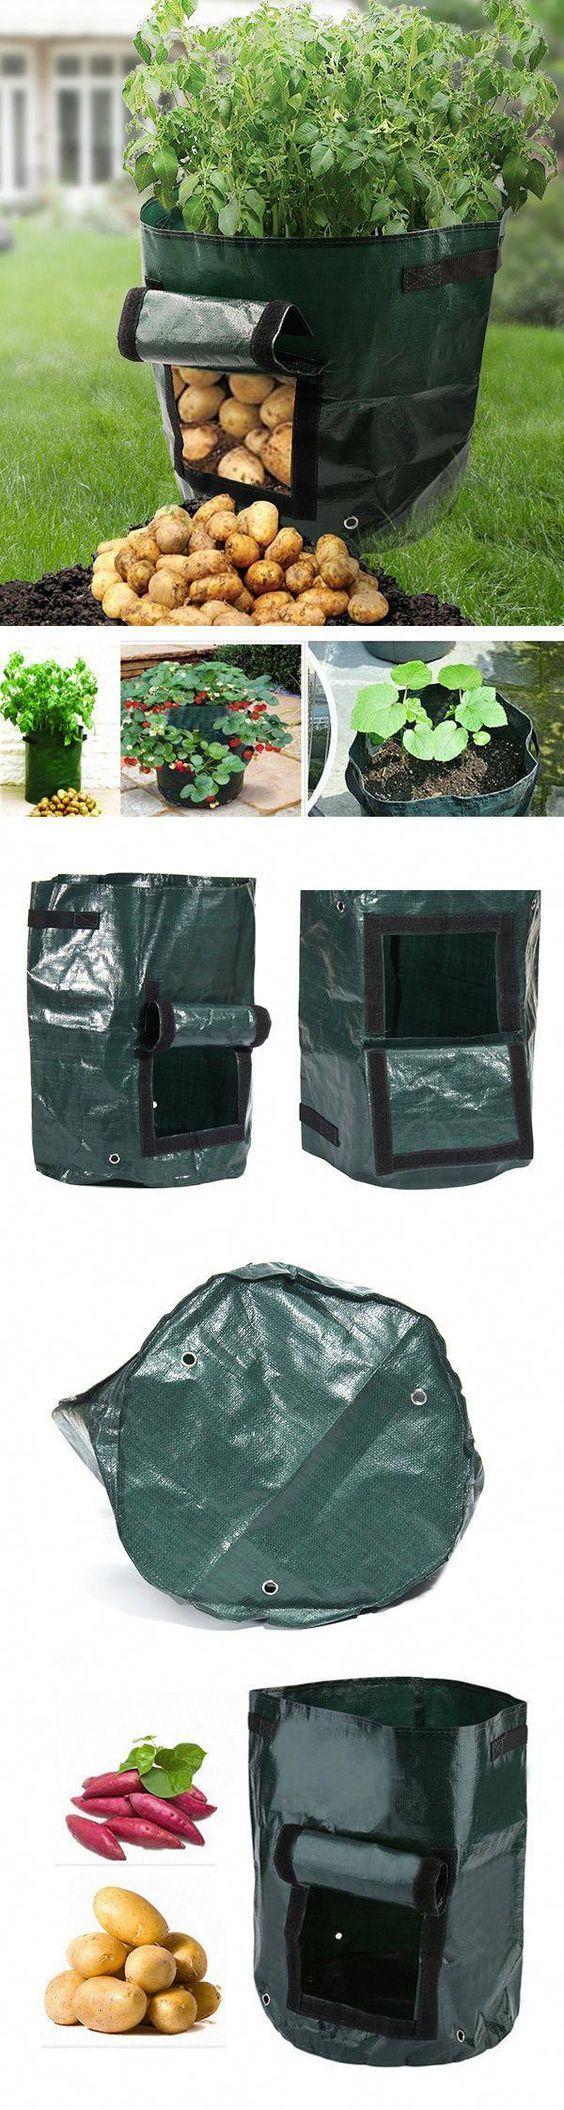 Organic Gardening Nitrogen OrganicGardeningOkc